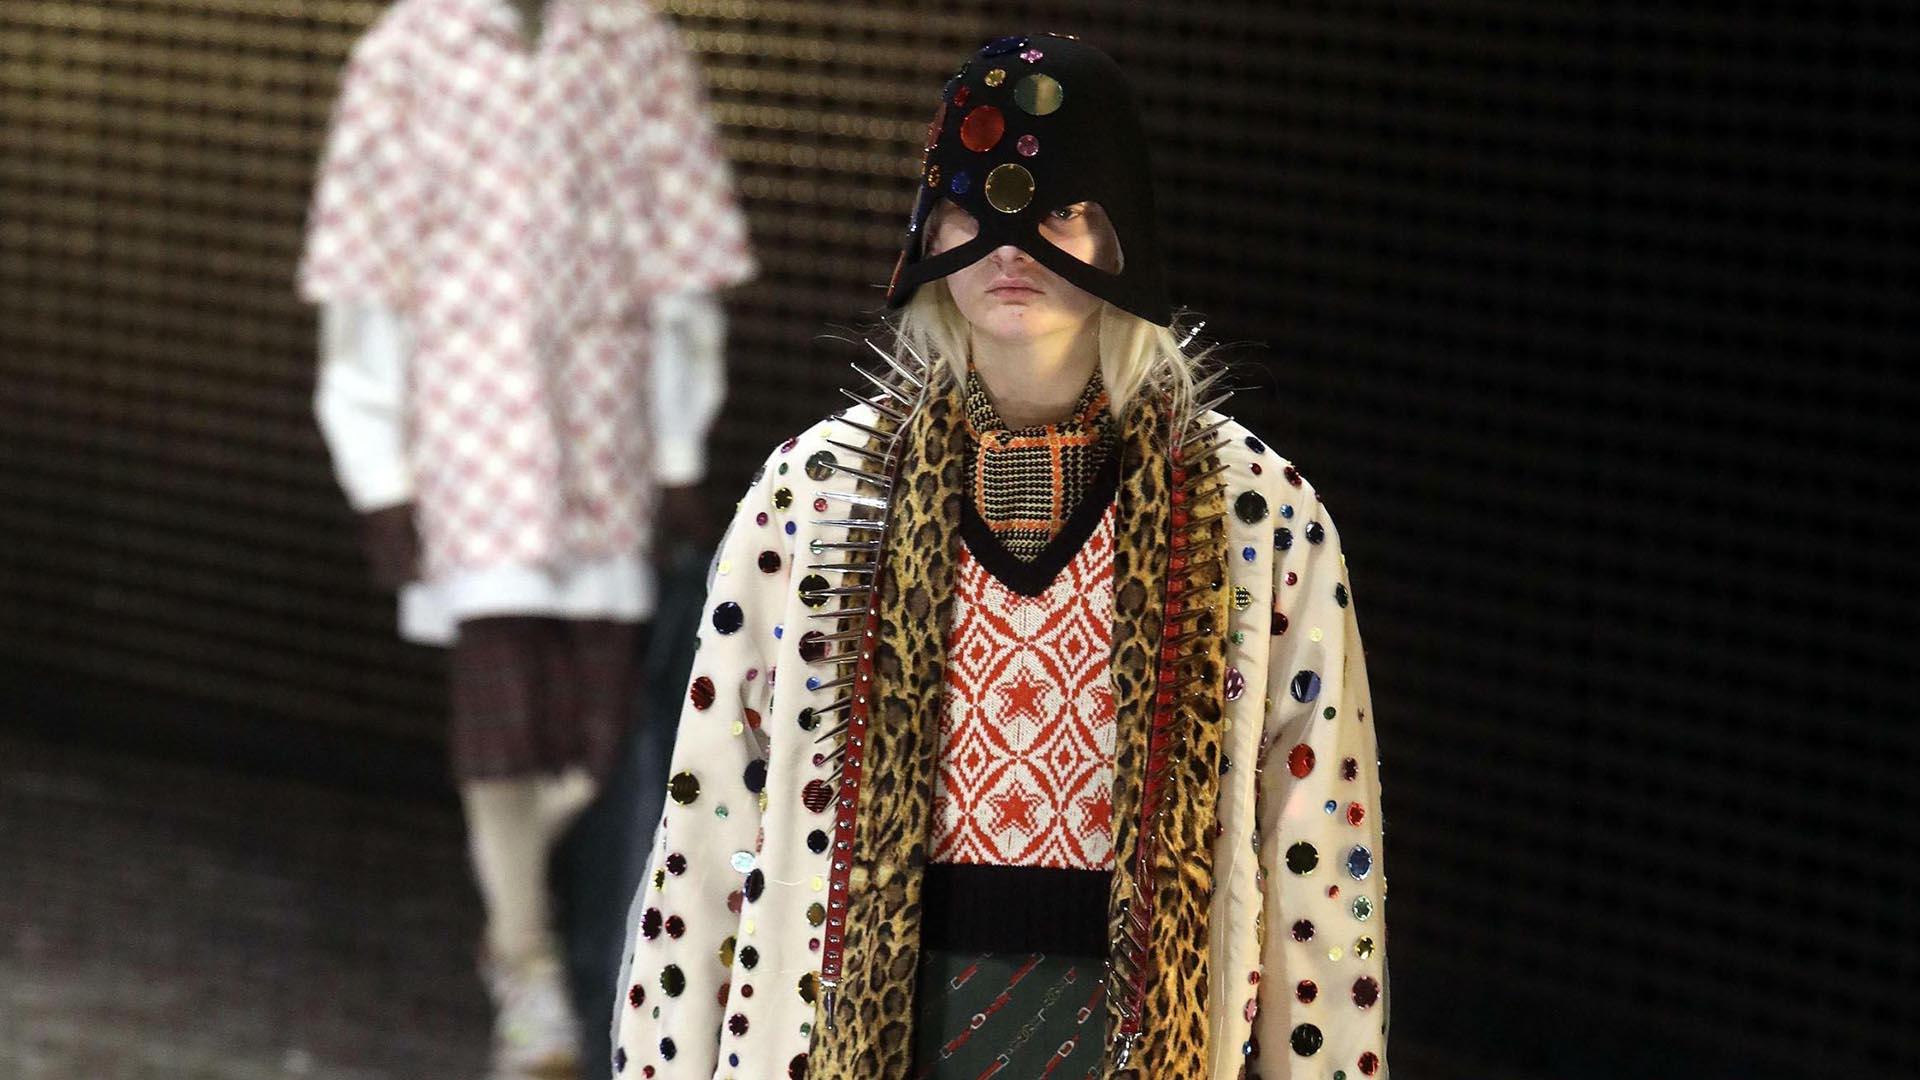 Gucci presentó su colección con sombreros bordados (AP Images)